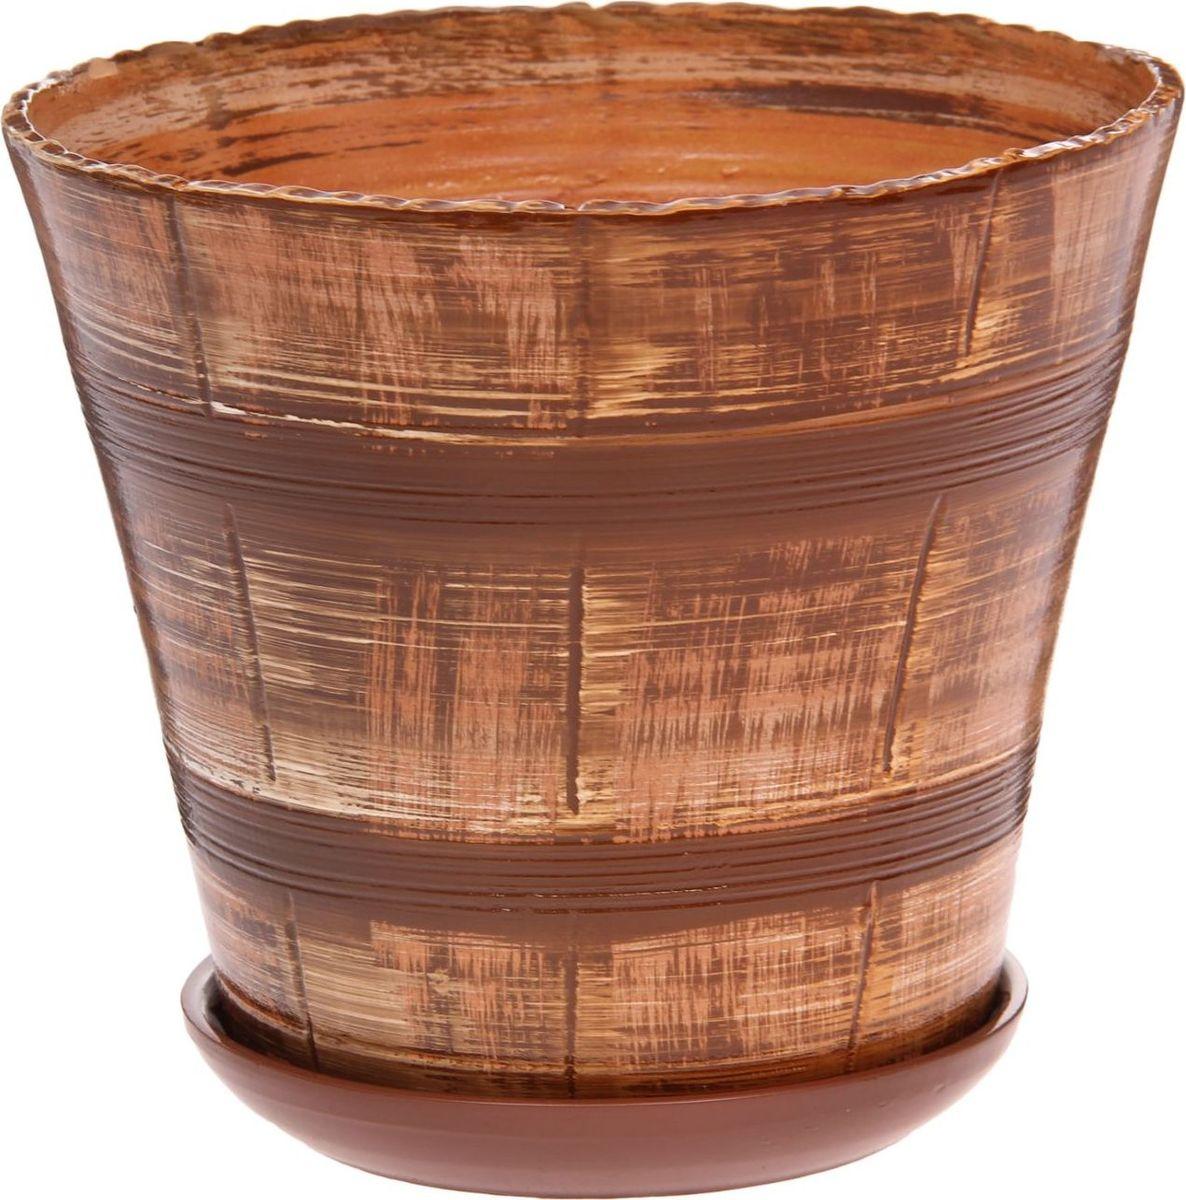 Кашпо Мари. Полосы, цвет: коричневый, 3,6 л1147365Комнатные растения — всеобщие любимцы. Они радуют глаз, насыщают помещение кислородом и украшают пространство. Каждому из них необходим свой удобный и красивый дом. Кашпо из керамики прекрасно подходят для высадки растений: за счёт пластичности глины и разных способов обработки существует великое множество форм и дизайновпористый материал позволяет испаряться лишней влагевоздух, необходимый для дыхания корней, проникает сквозь керамические стенки! #name# позаботится о зелёном питомце, освежит интерьер и подчеркнёт его стиль.